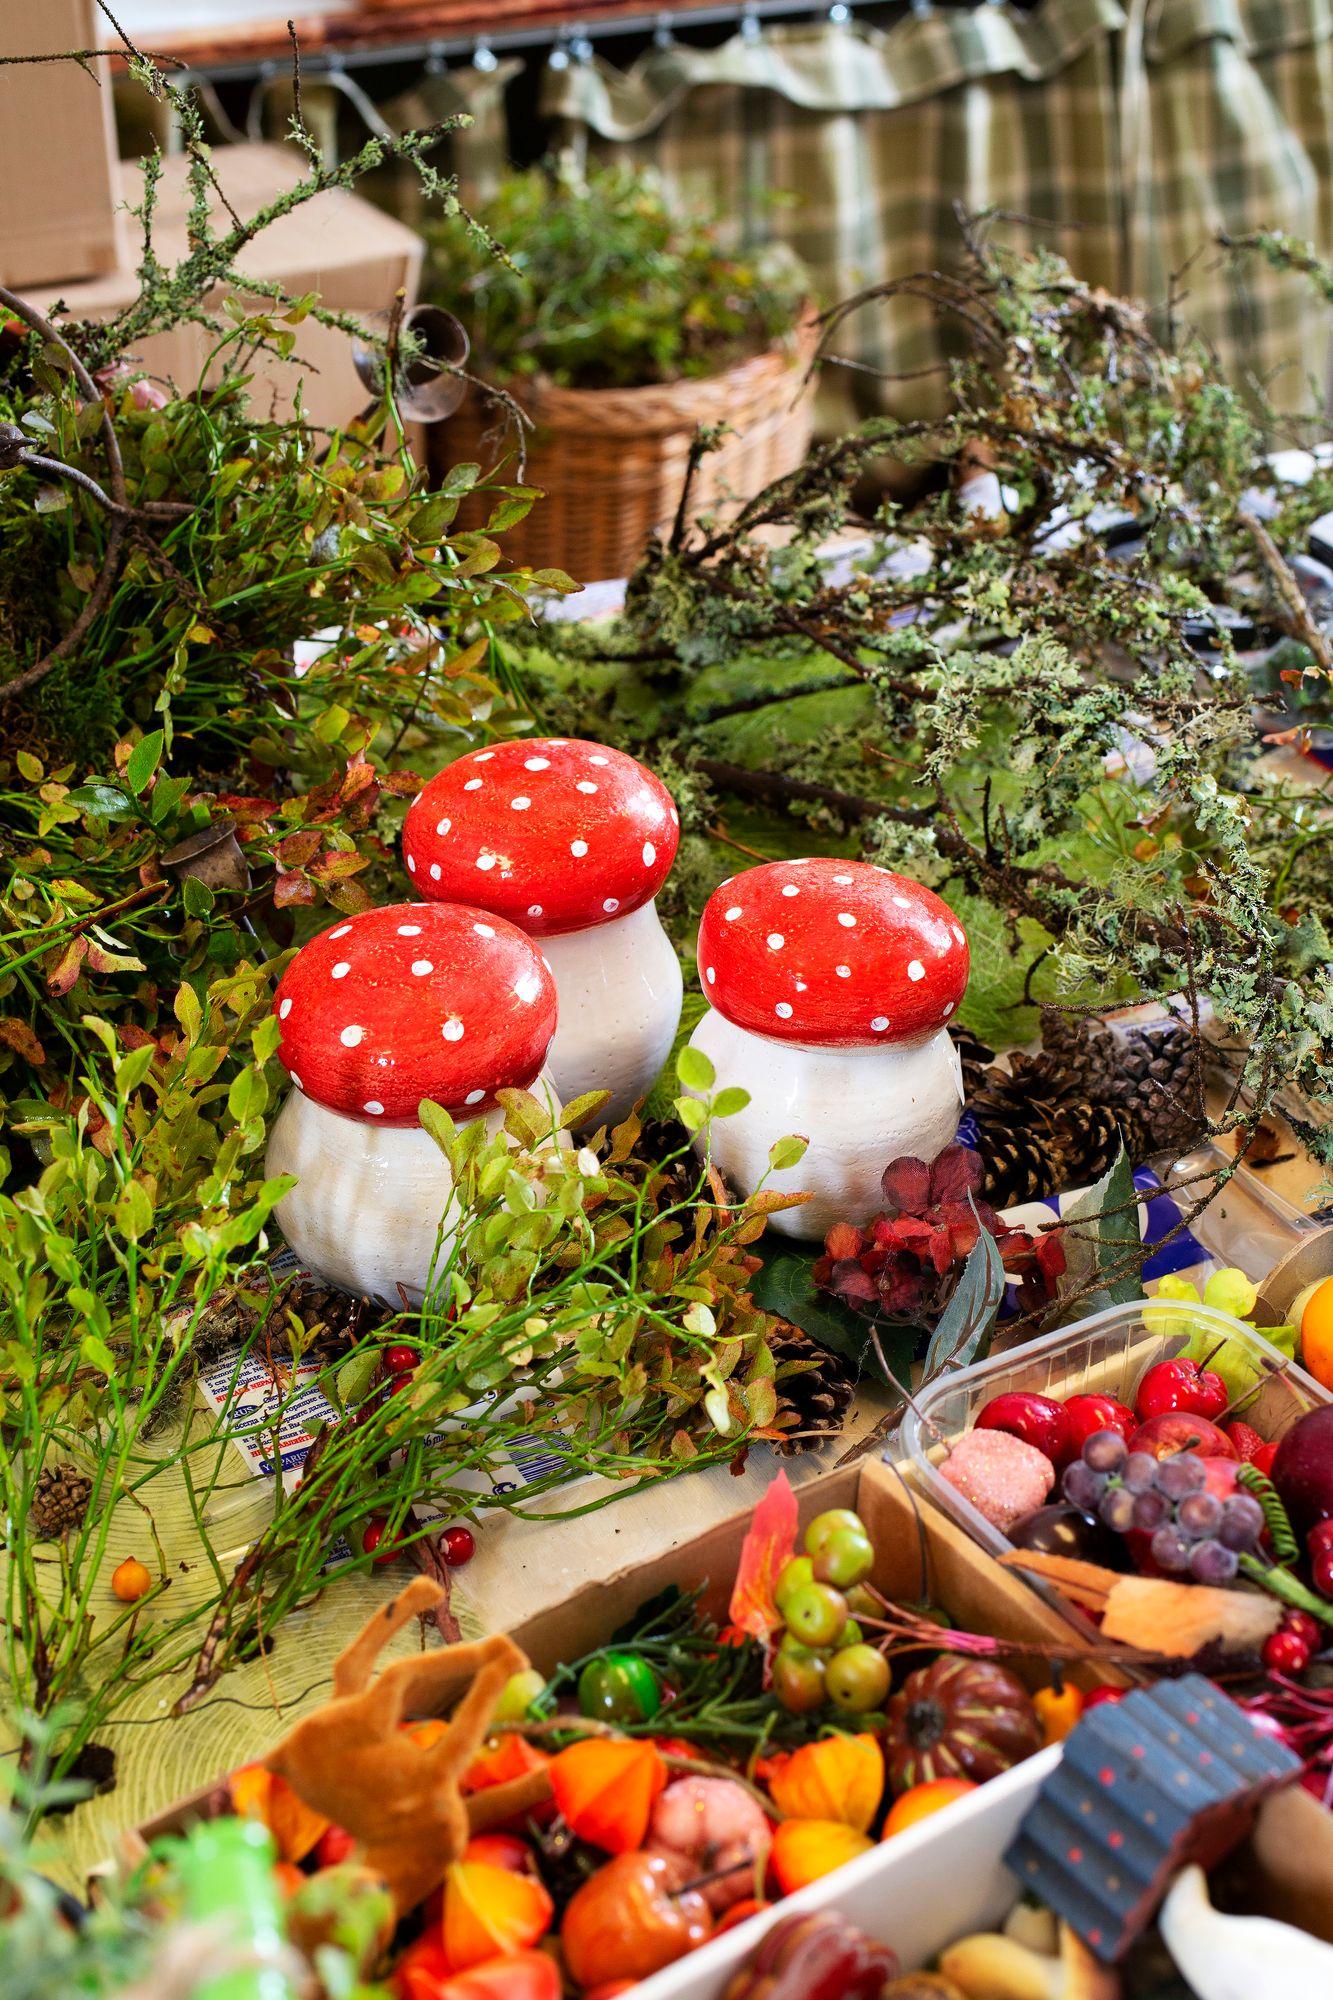 Susannan sienipurkit ovat putiikin hittituote. Alun perin tuhkakupiksi suunniteltu kärpässieni on monella jauhojen säilytysastia. © Copyright Tiiu Kaitalo